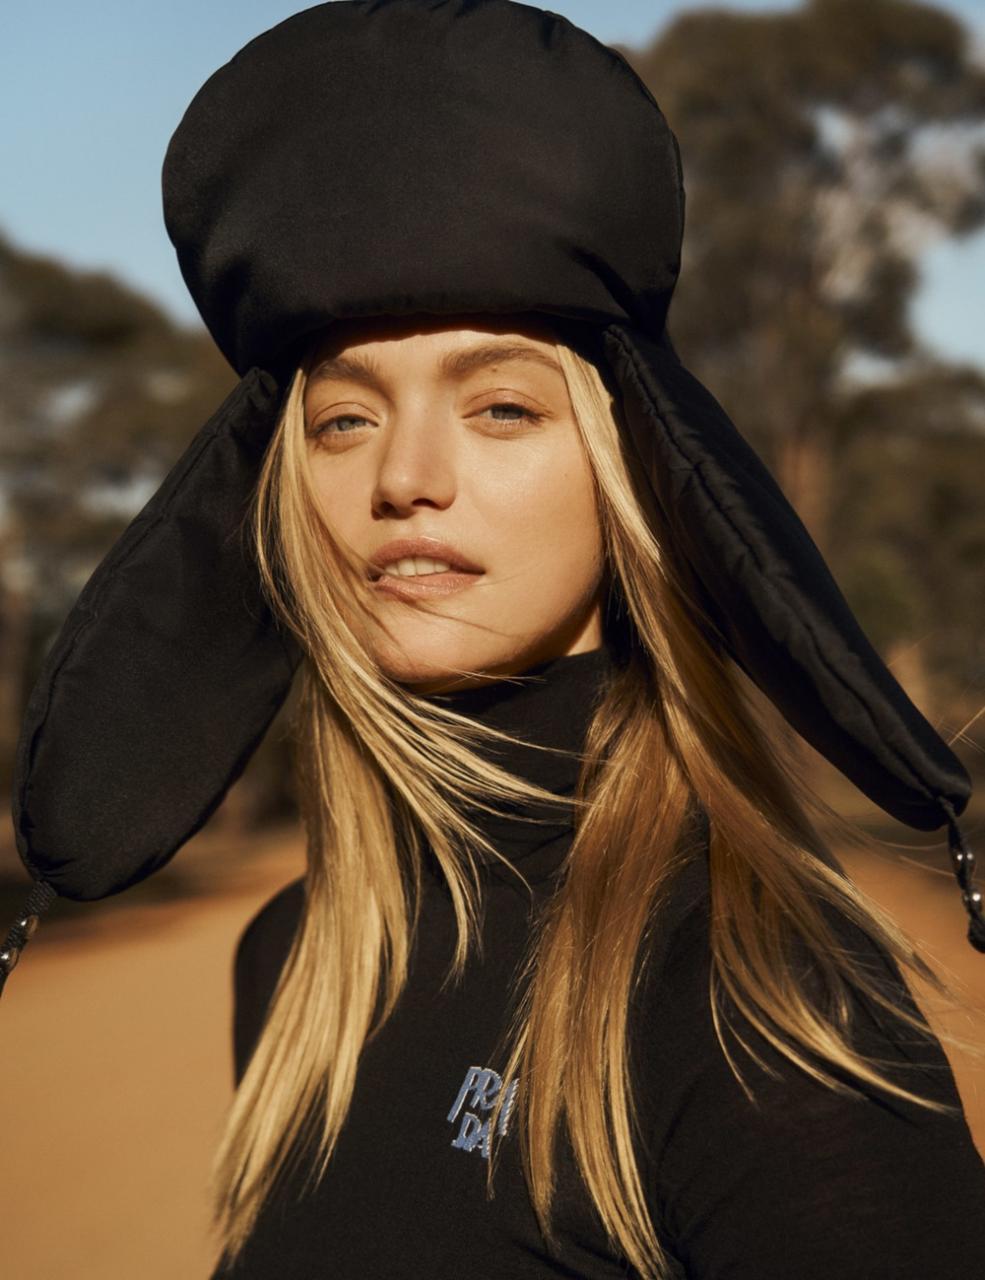 澳大利亚版《时尚芭莎》外景人像大片 时尚图库 第4张